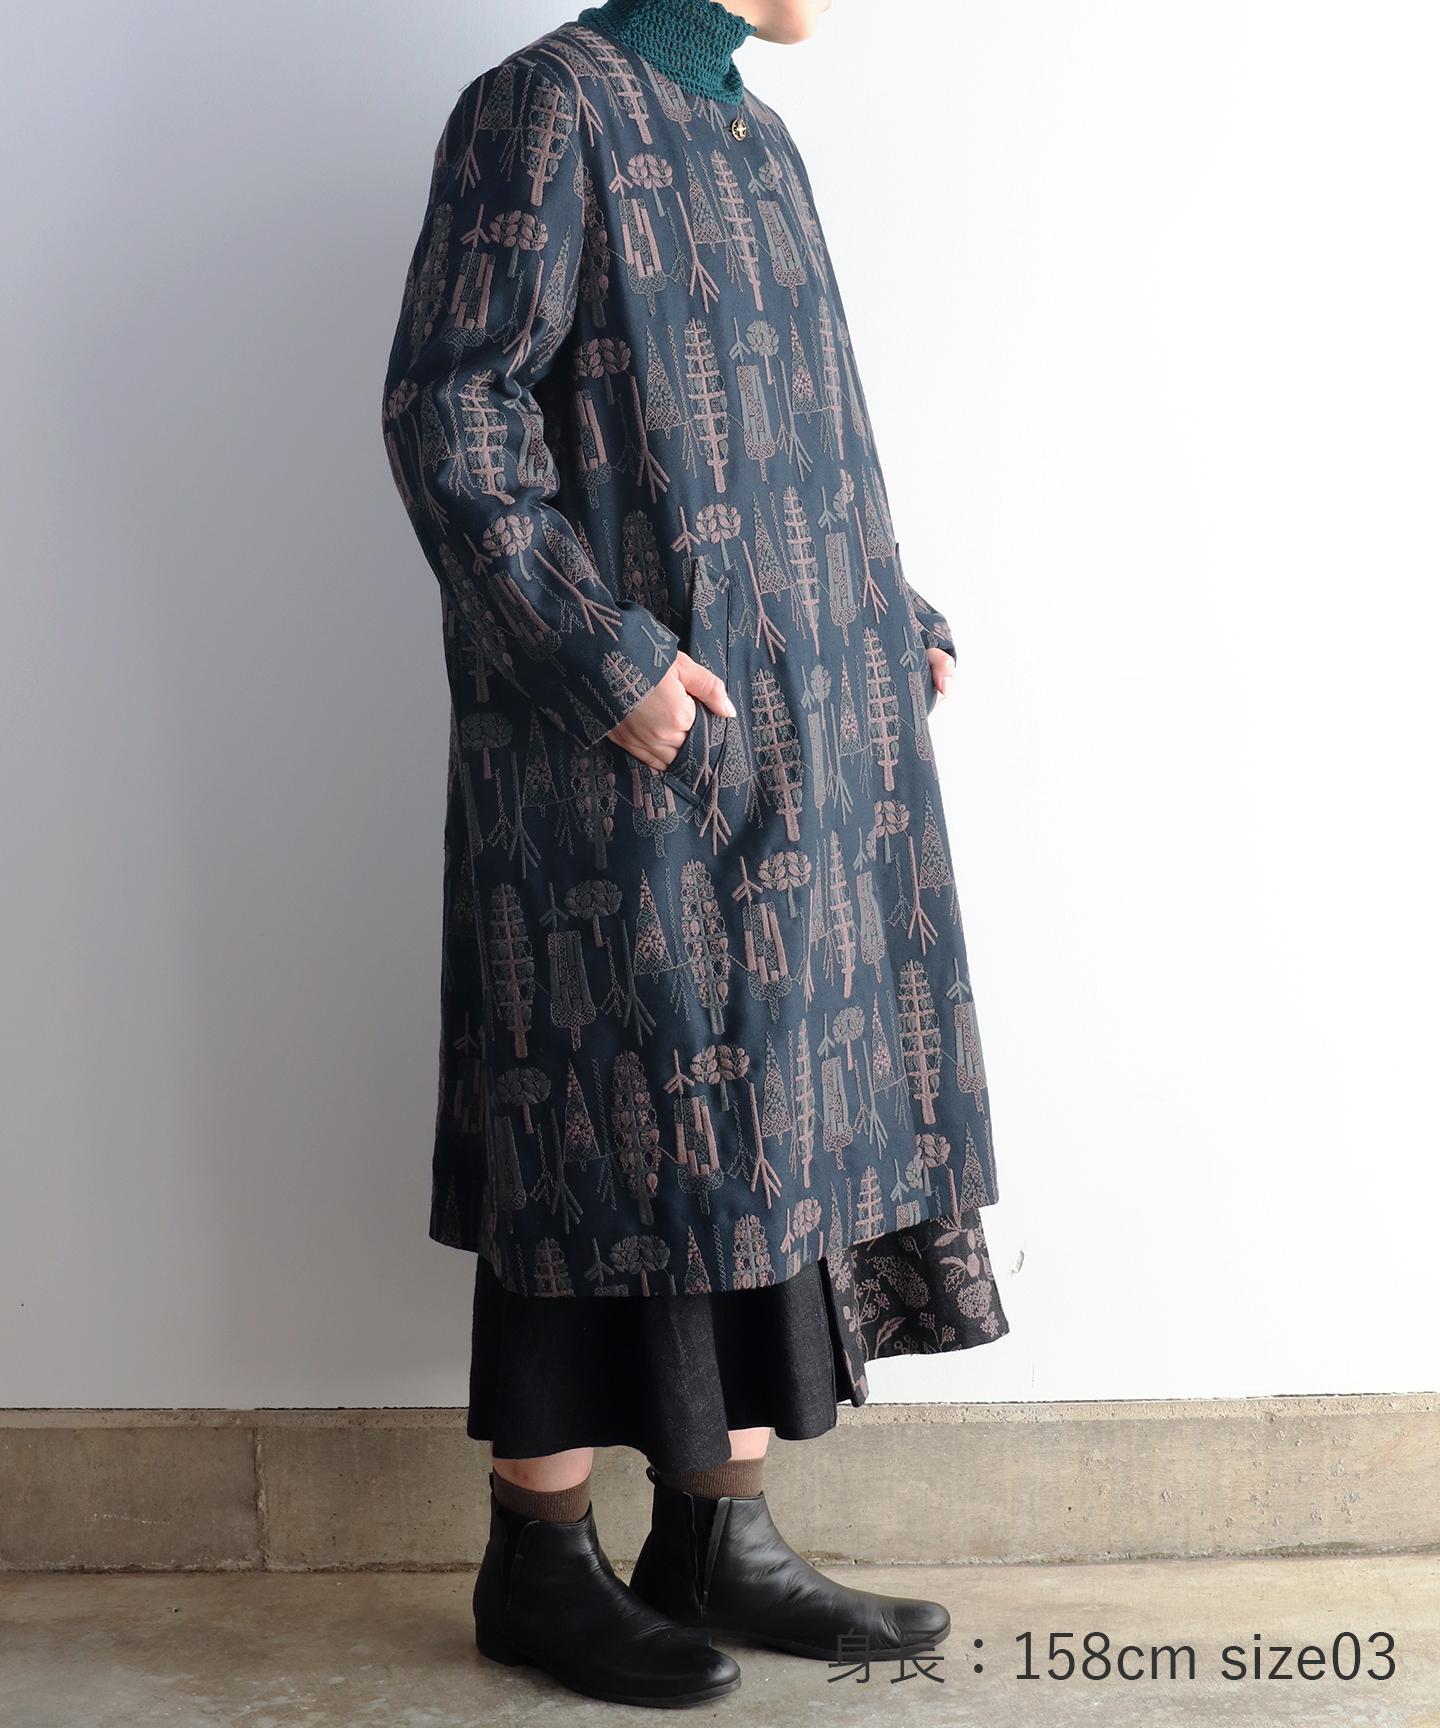 【MORI 1836】刺繍生地ノーカラーコート  (evf552  size02.03)